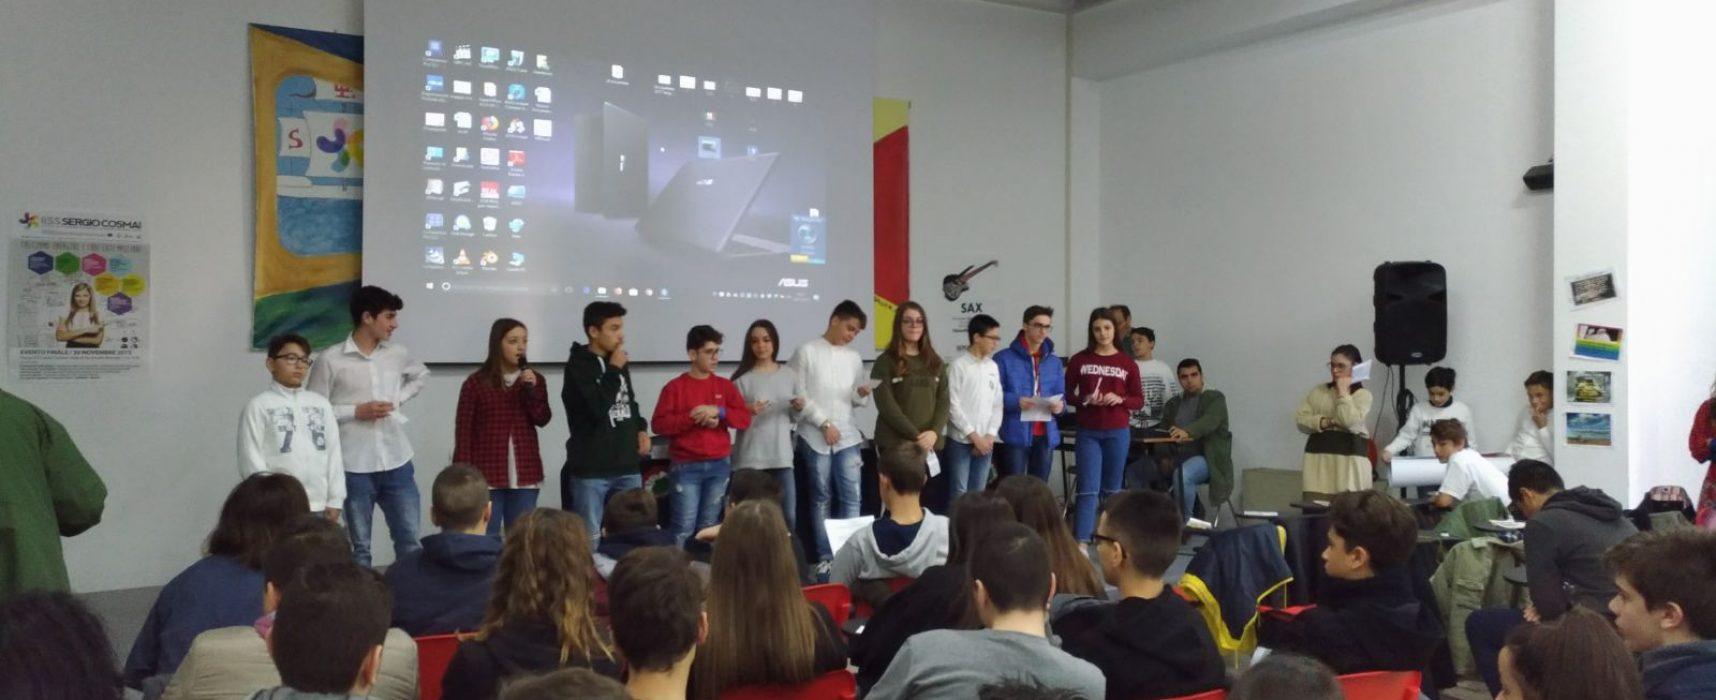 """Giornata di condivisione didattica realizzata dagli alunni delle scuole """"Riccardo Monterisi"""" e """"Sergio Cosmai"""""""